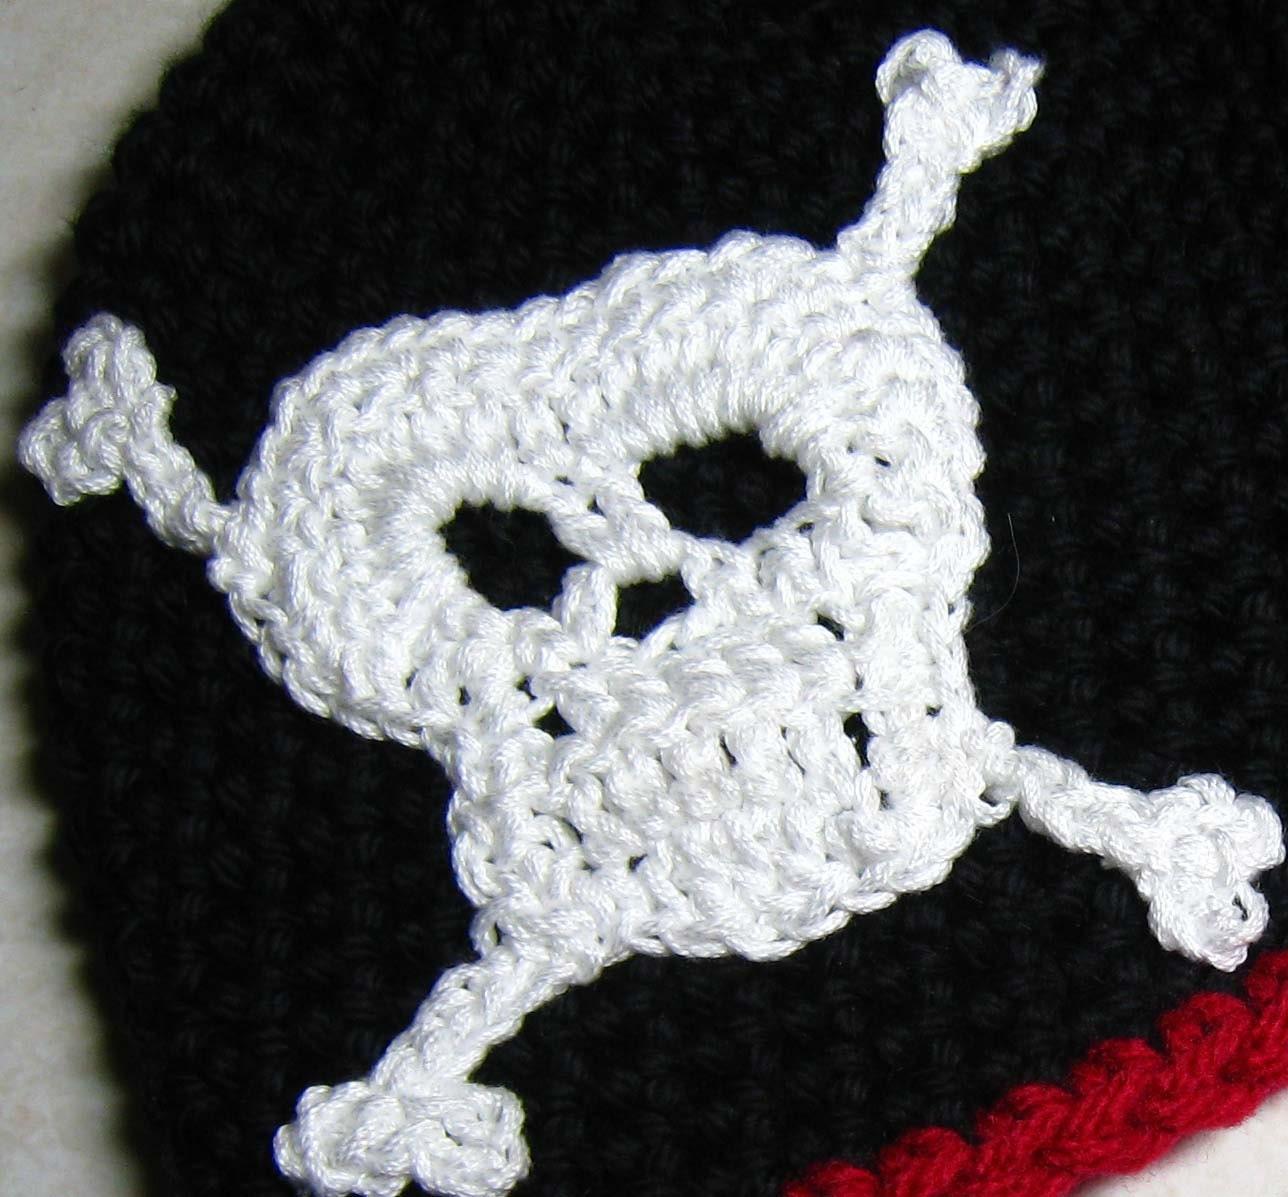 Crochet Patterns Skull : CROCHET PATTERN - skull, crossbones, skull and crossbones, PDF crochet ...